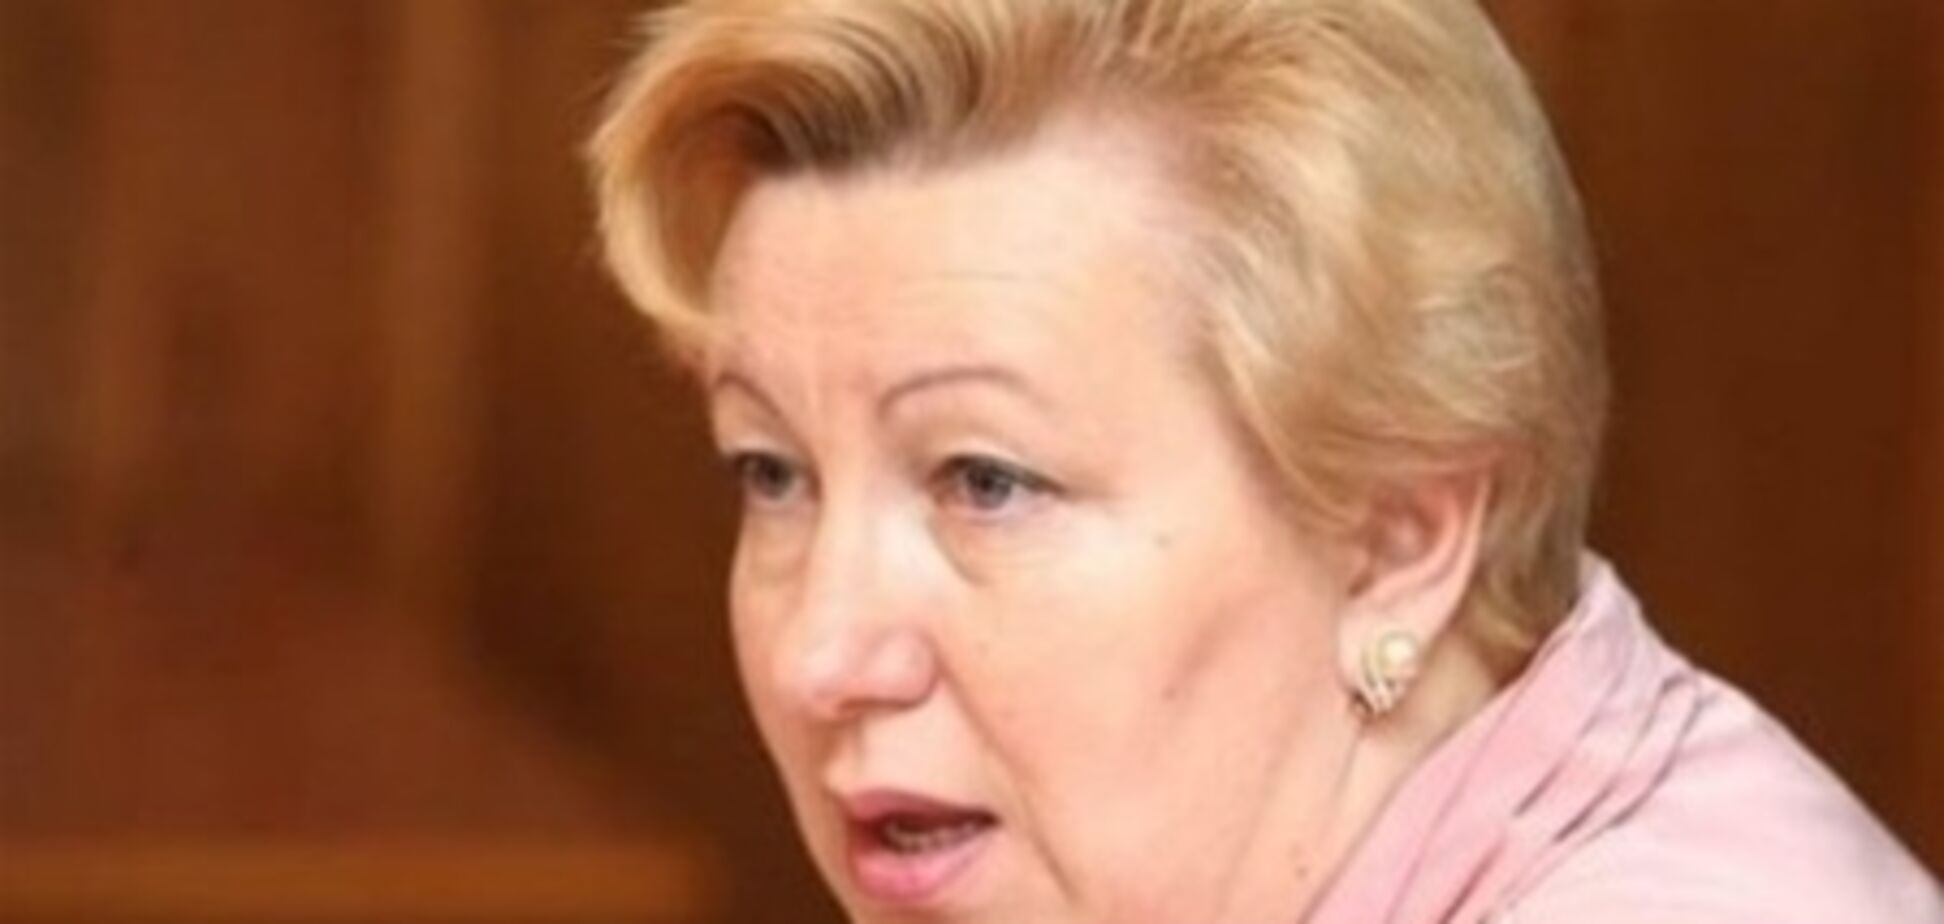 Ульянченко: информация об ордере на арест - провокация